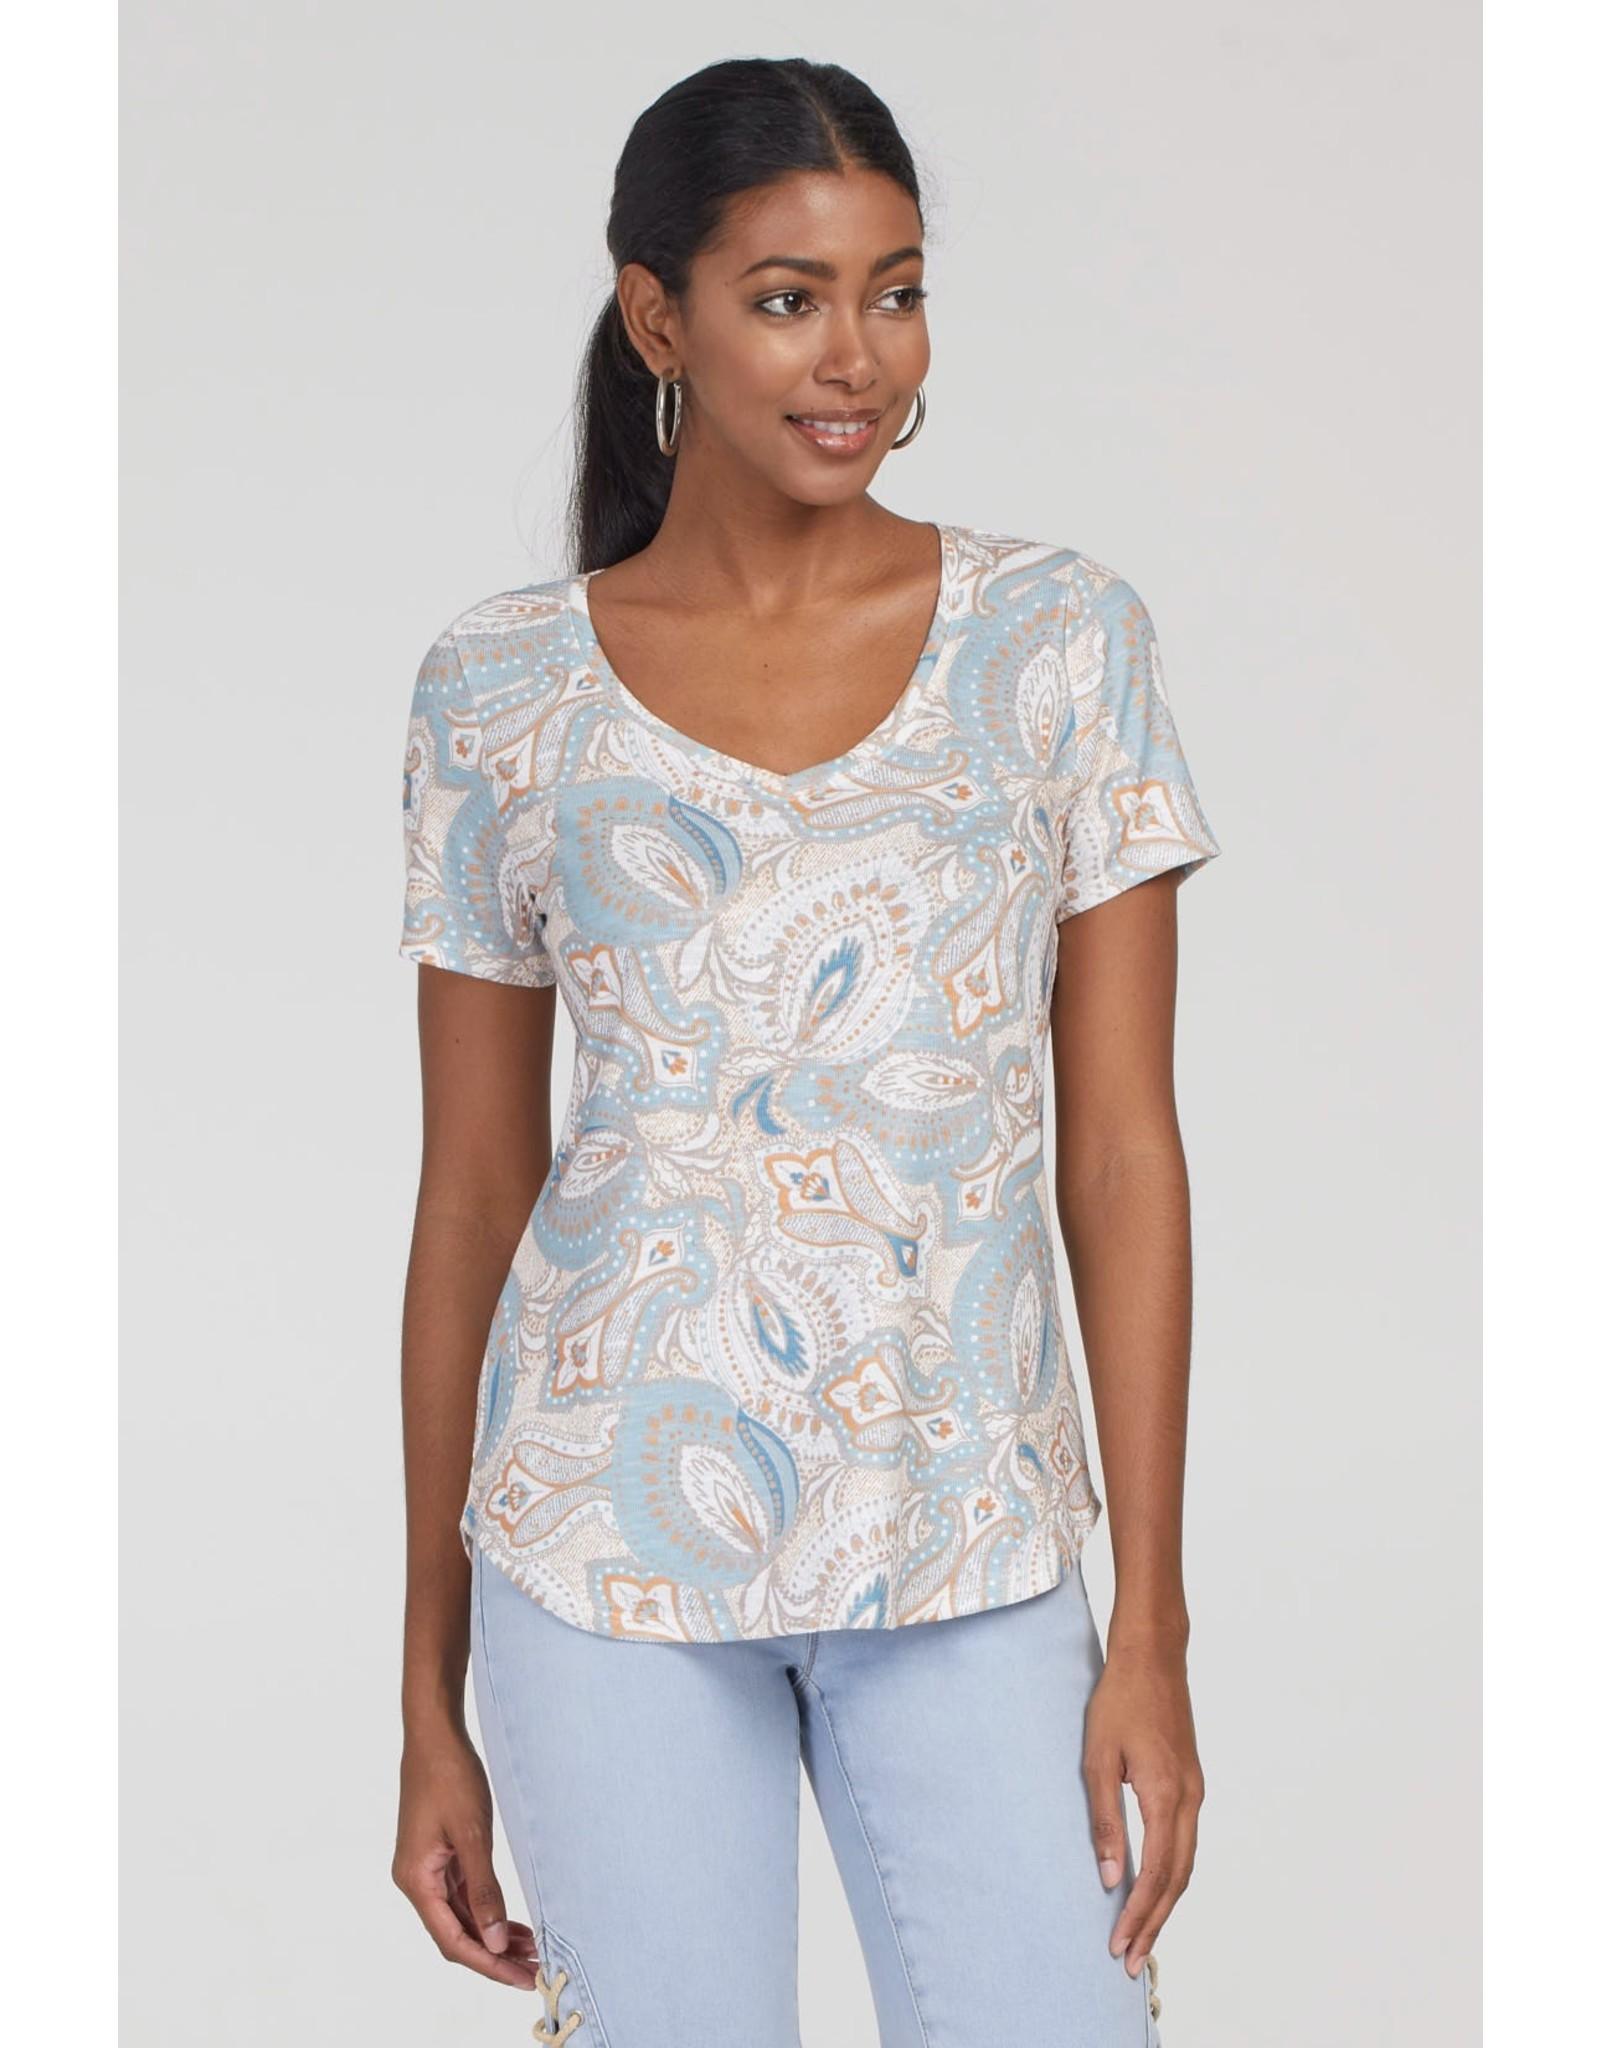 Tribal Women's S/S Tee Shirt